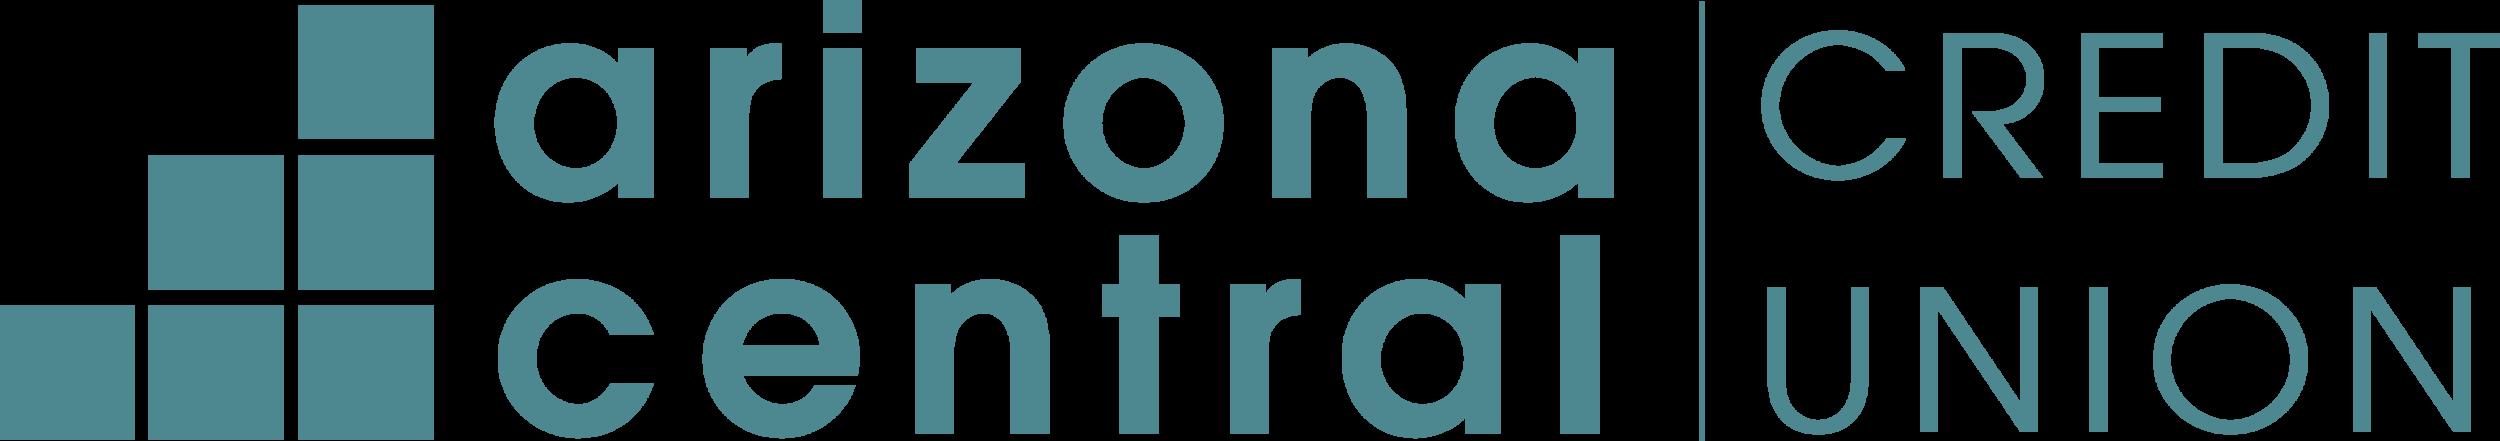 logo_5483 (1).png